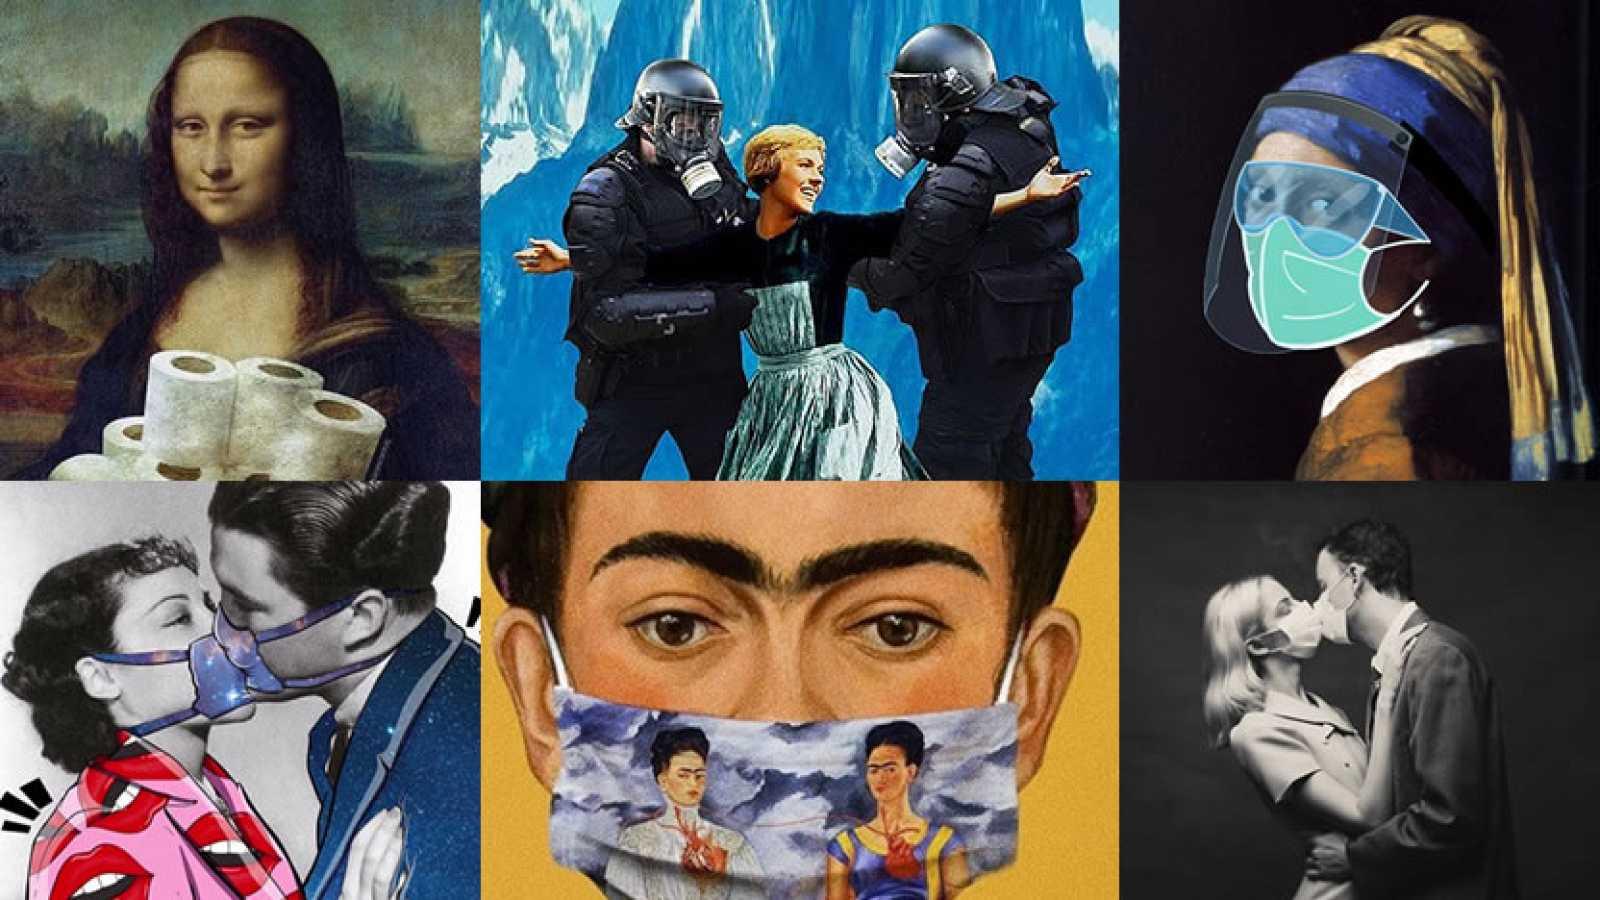 Artesfera - The Covid Art Museum: primer museo virtual con arte inspirado en el coronavirus - 14/09/20 - escuchar ahora